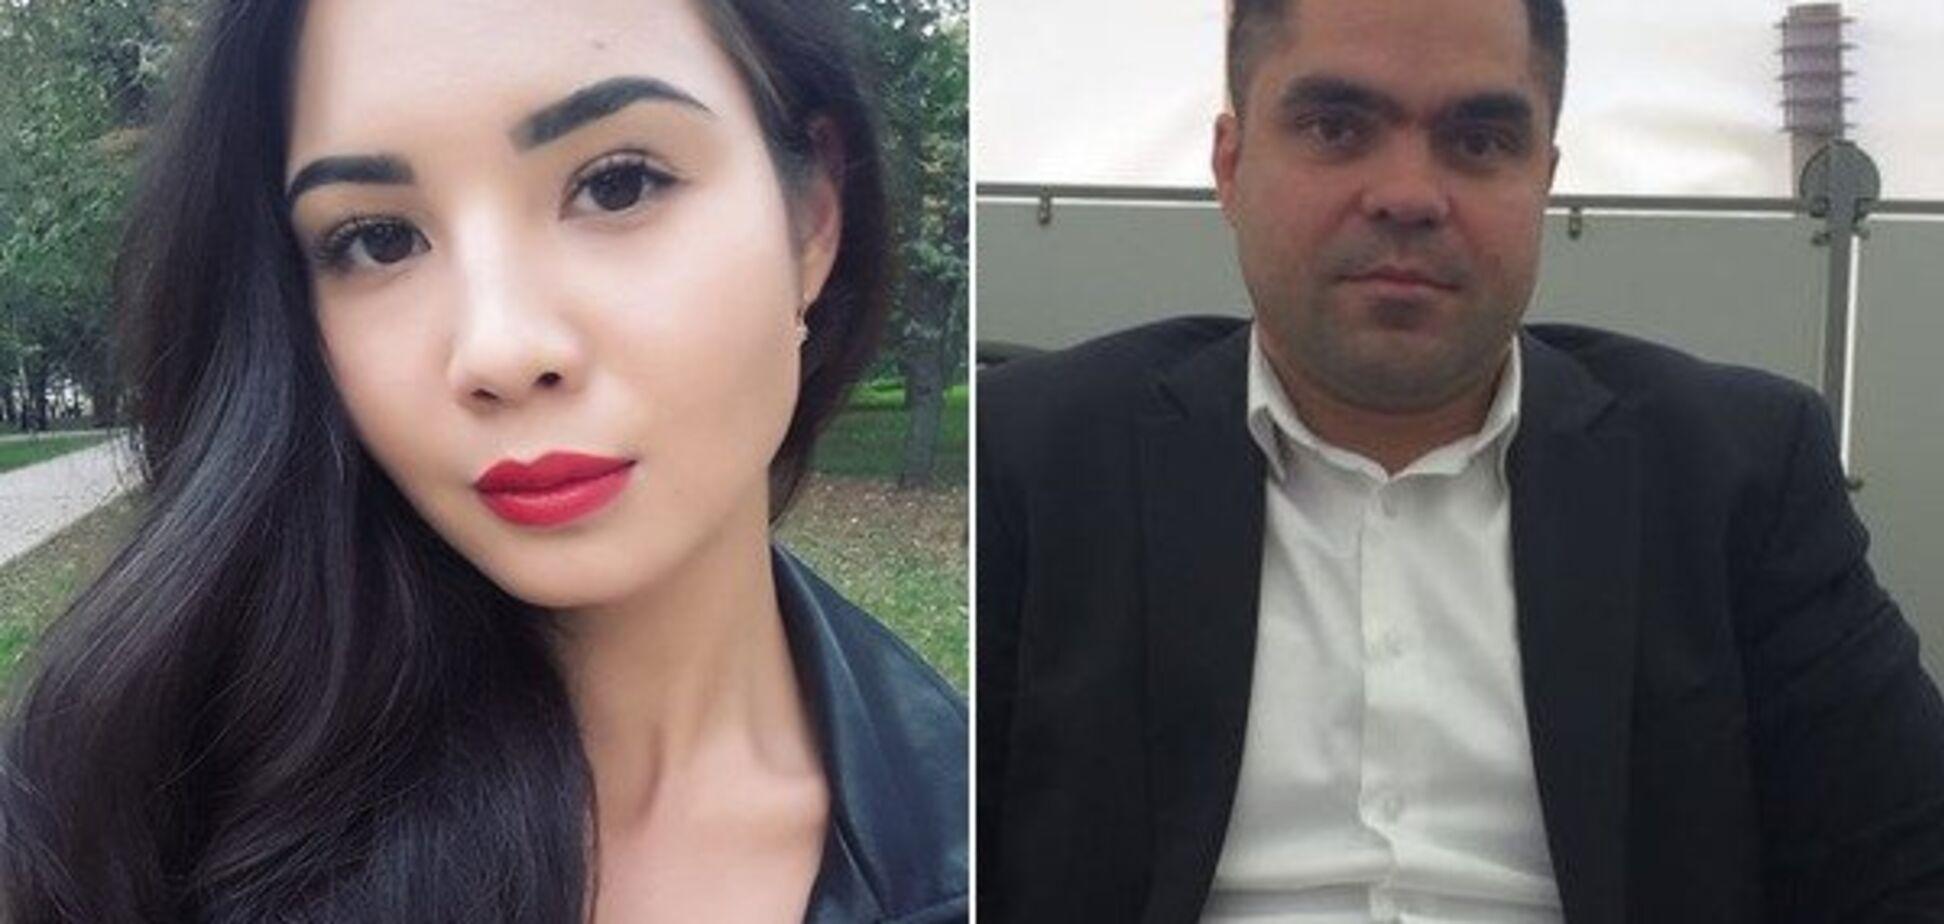 Предлагали 1,5 тыс. грн: ''жертва'' секс-скандала с сотрудником полиции сделала признание